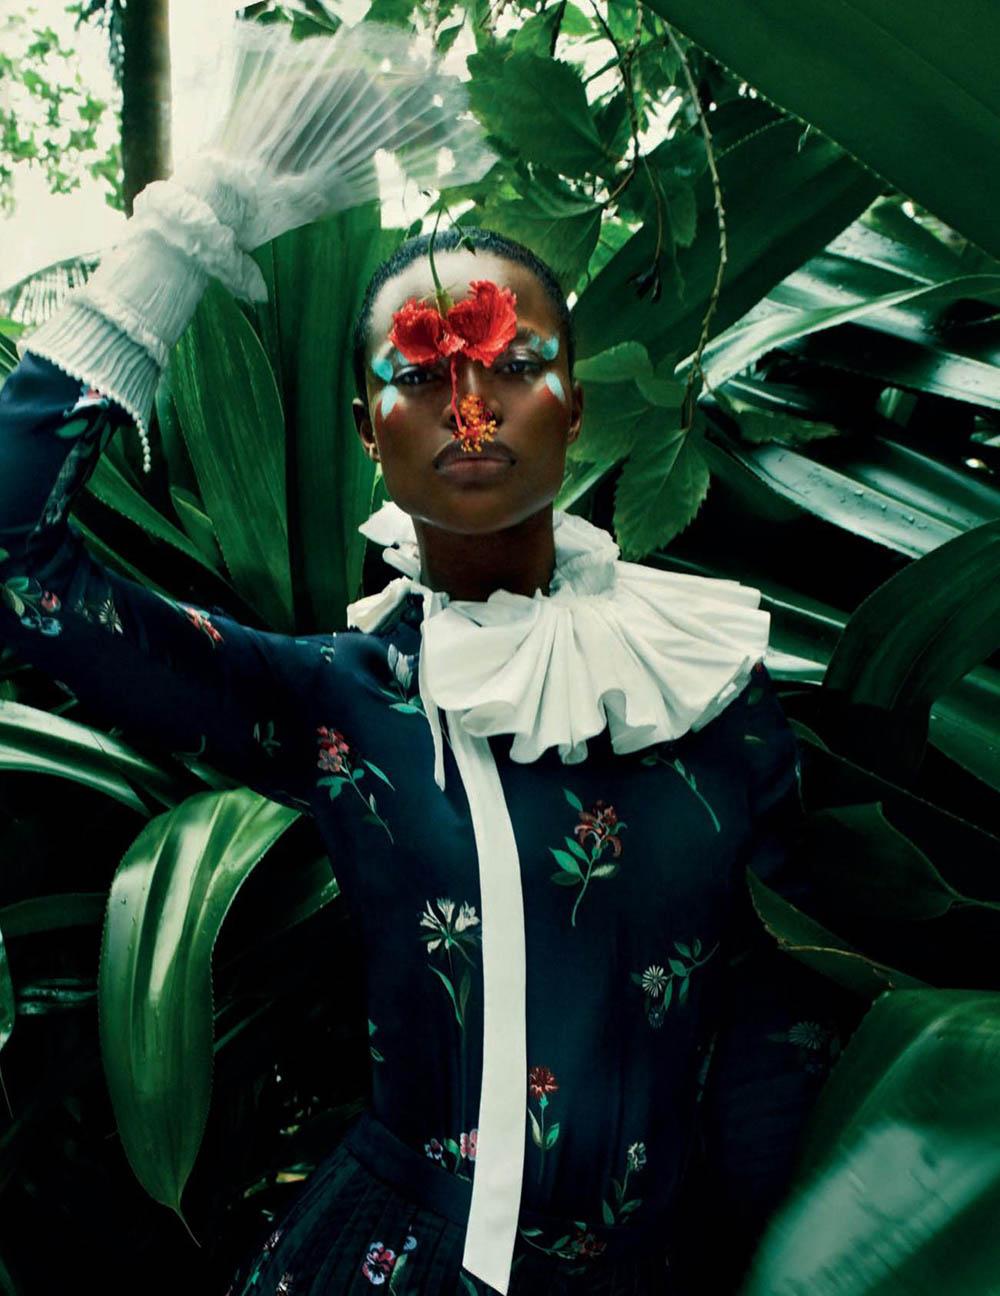 Mayowa Nicholas by Txema Yeste for Vogue Spain August 2019